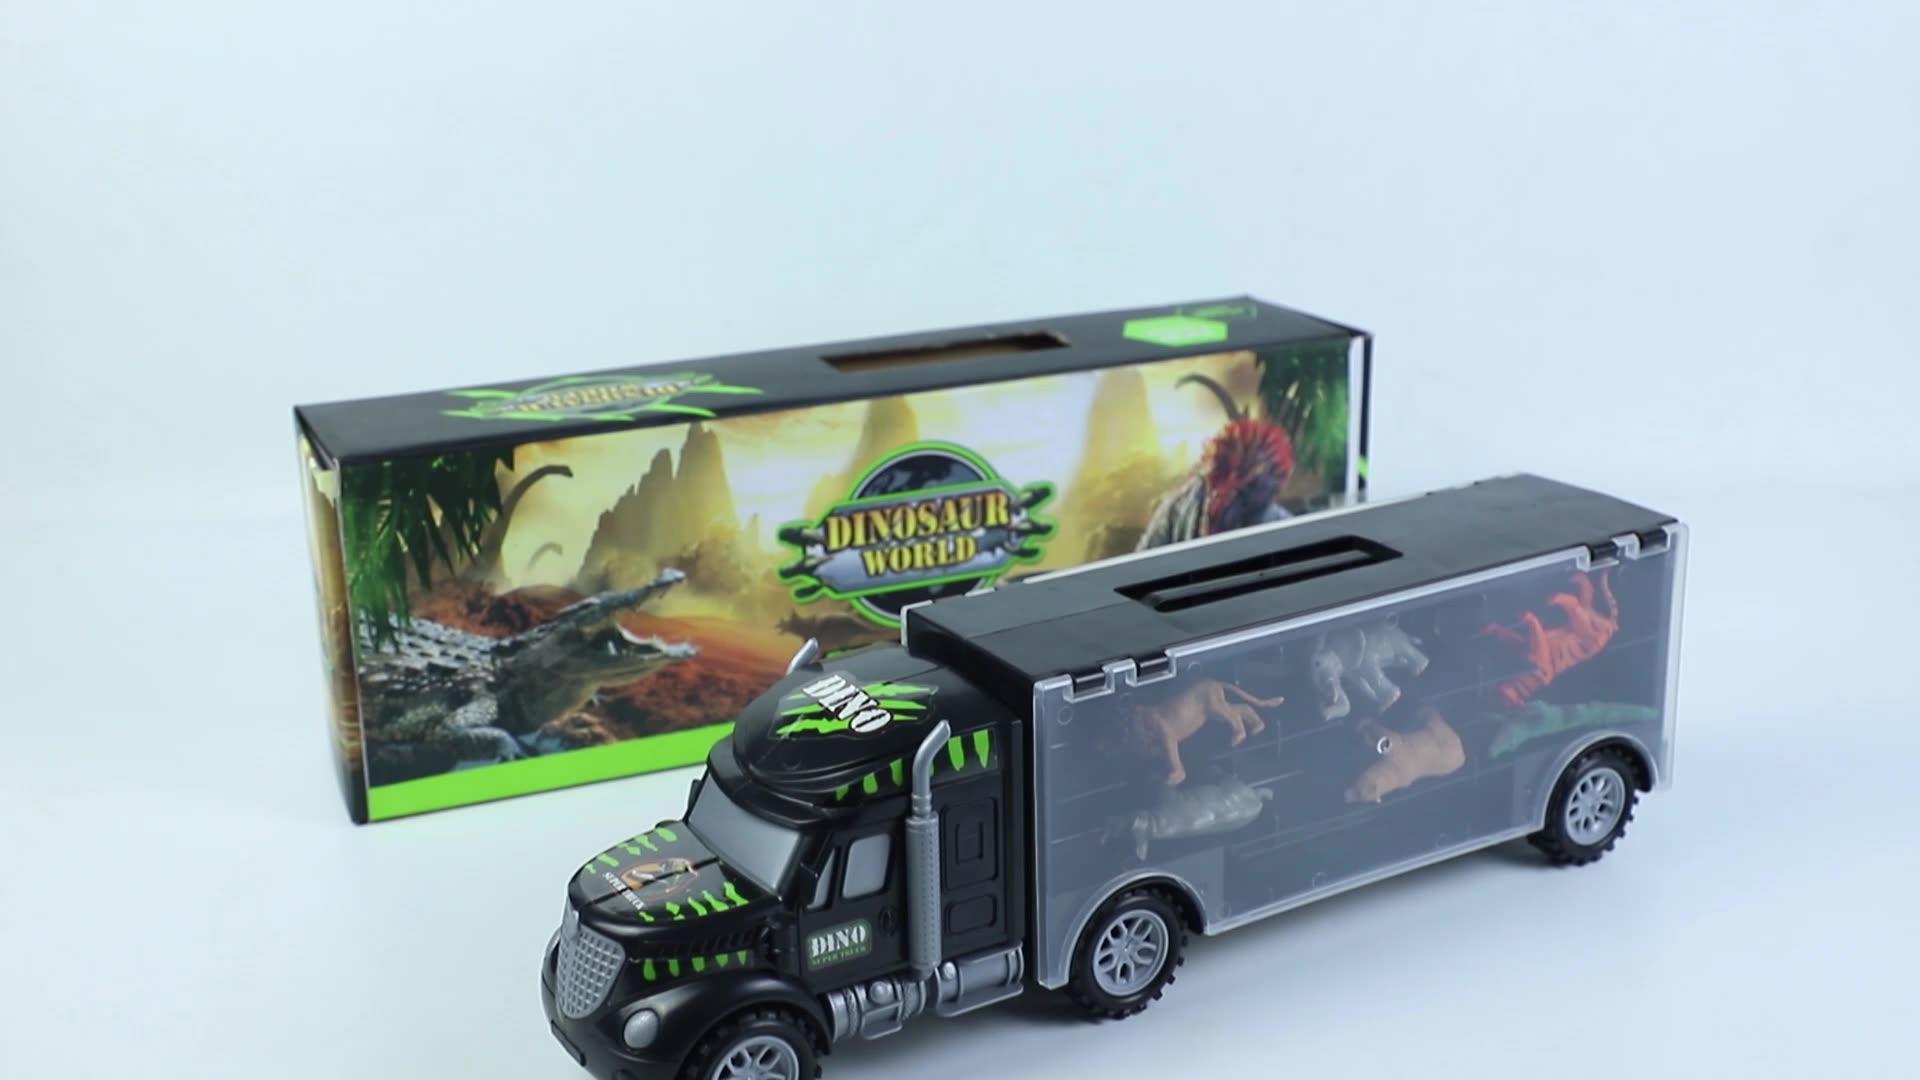 Dinossauro GRANDE DESCONTO Carro Brinquedos-Brinquedos Caminhão com Animais Conjunto De Armazenamento Veículo Brinquedos Educativos Juguetes educativos para Crianças Meninos